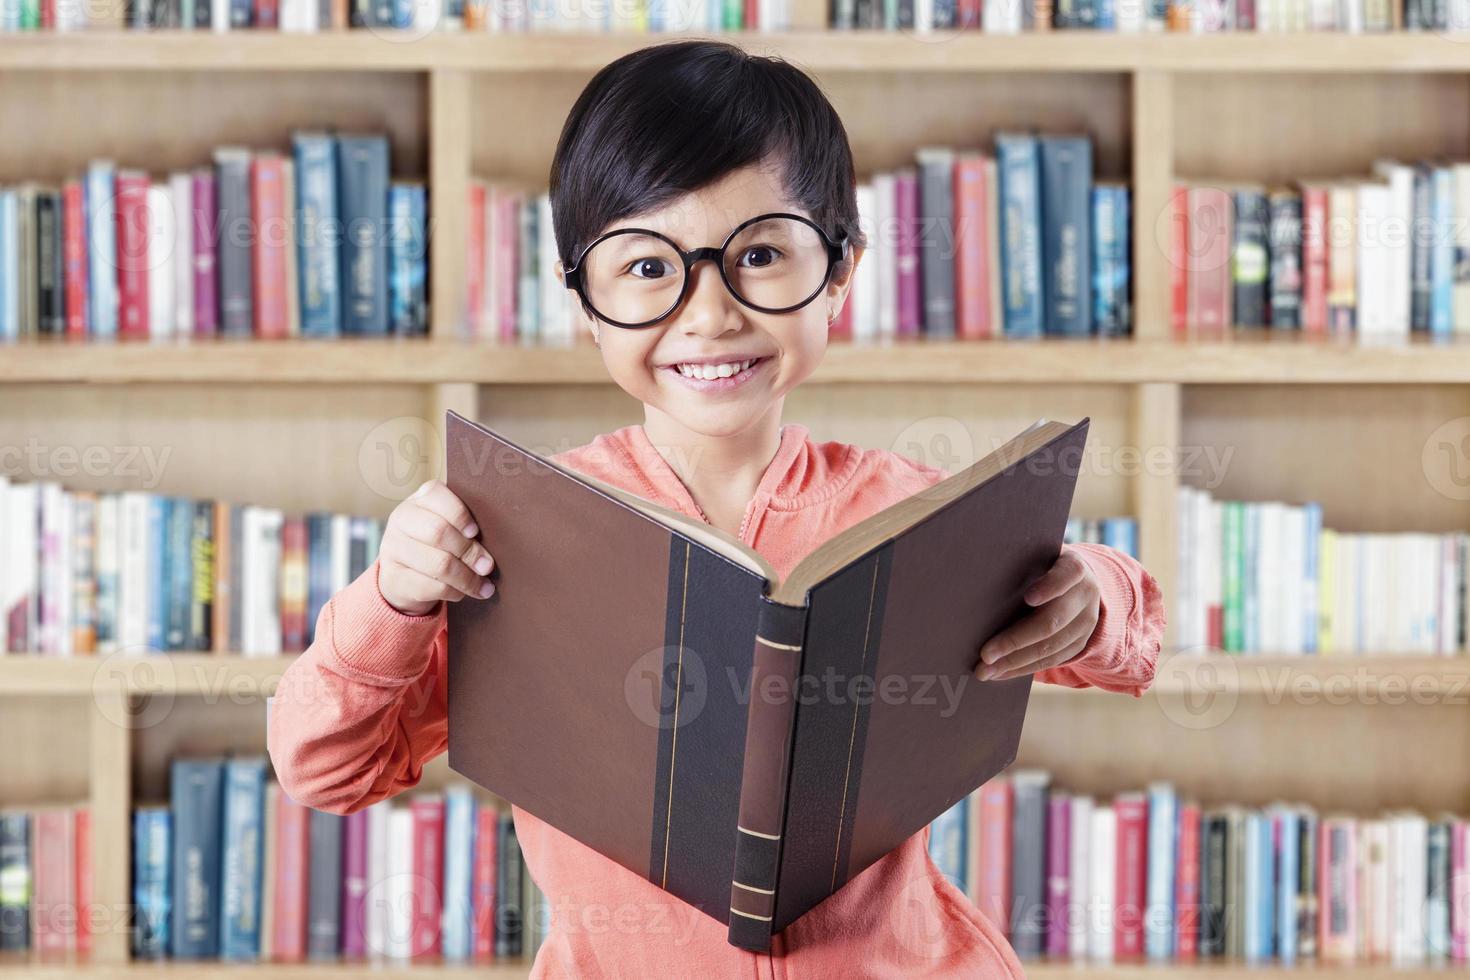 tjej som står i biblioteket medan du läser läroboken foto